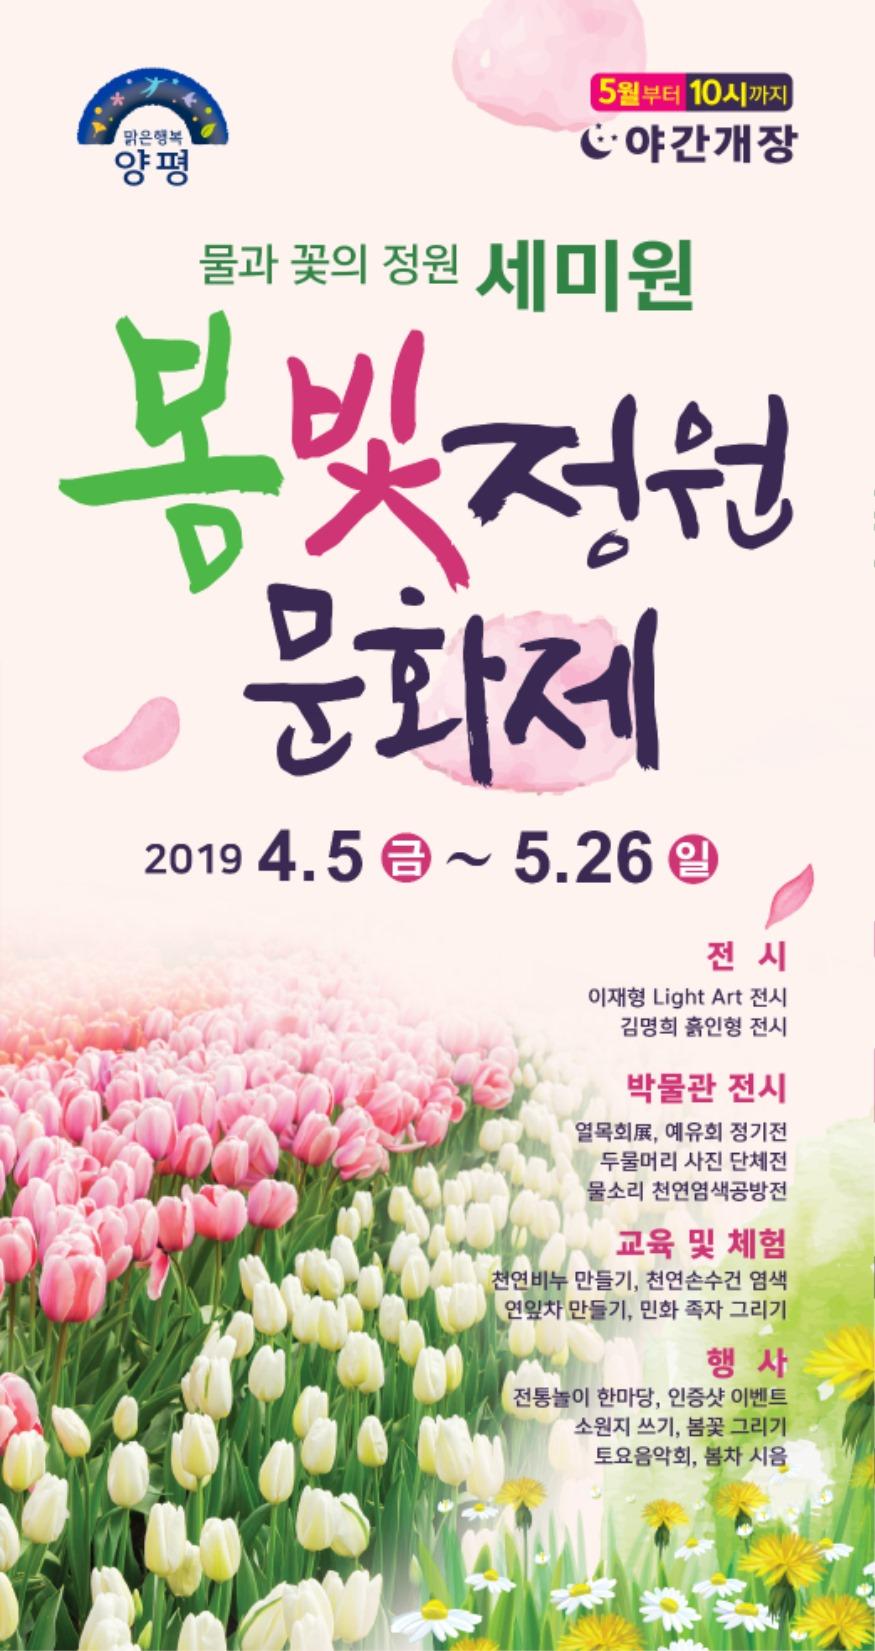 세미원 봄빛정원문화제.jpg